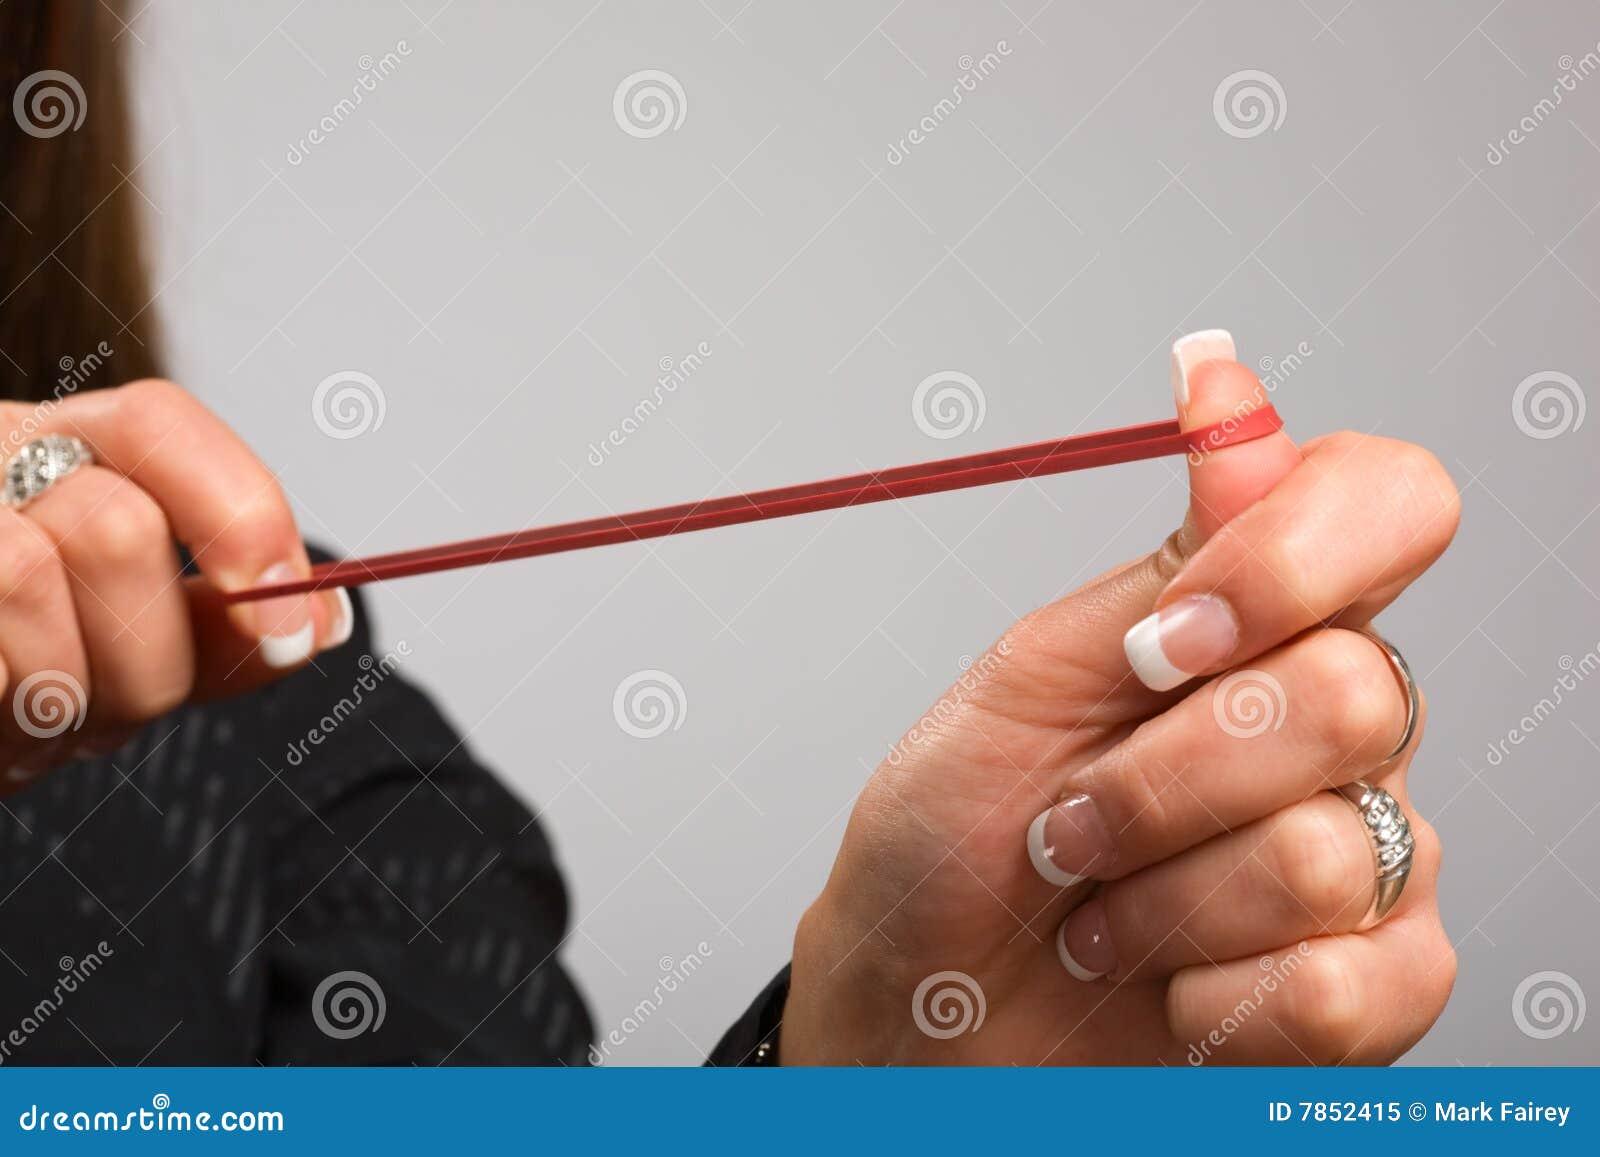 взятие полосы цели резиновое